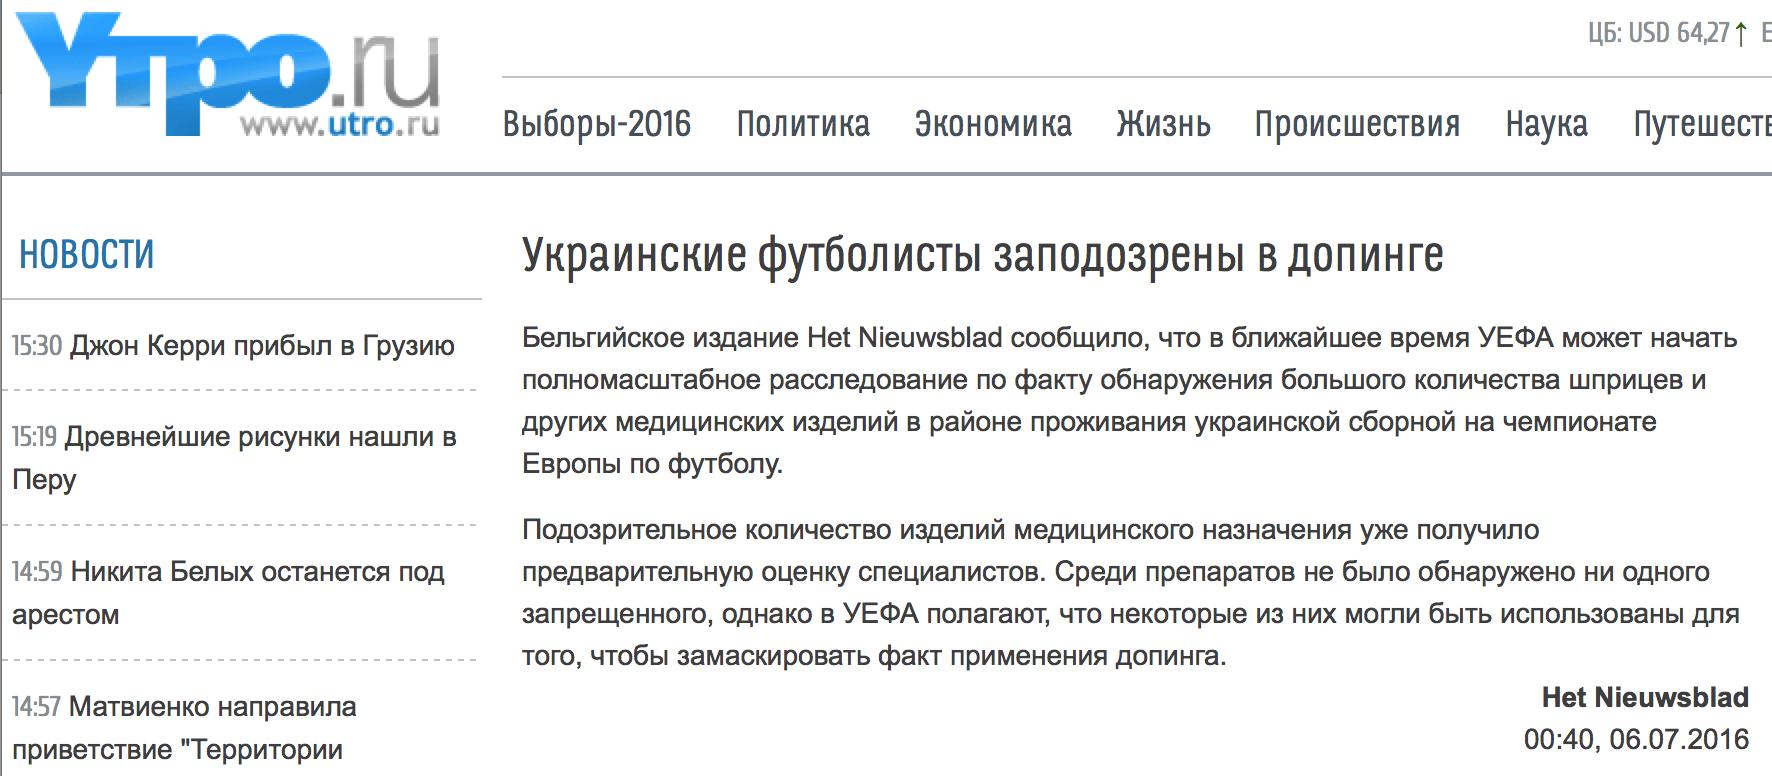 Utro.ru: Los futbolistas ucranianos están sospesados de dopaje